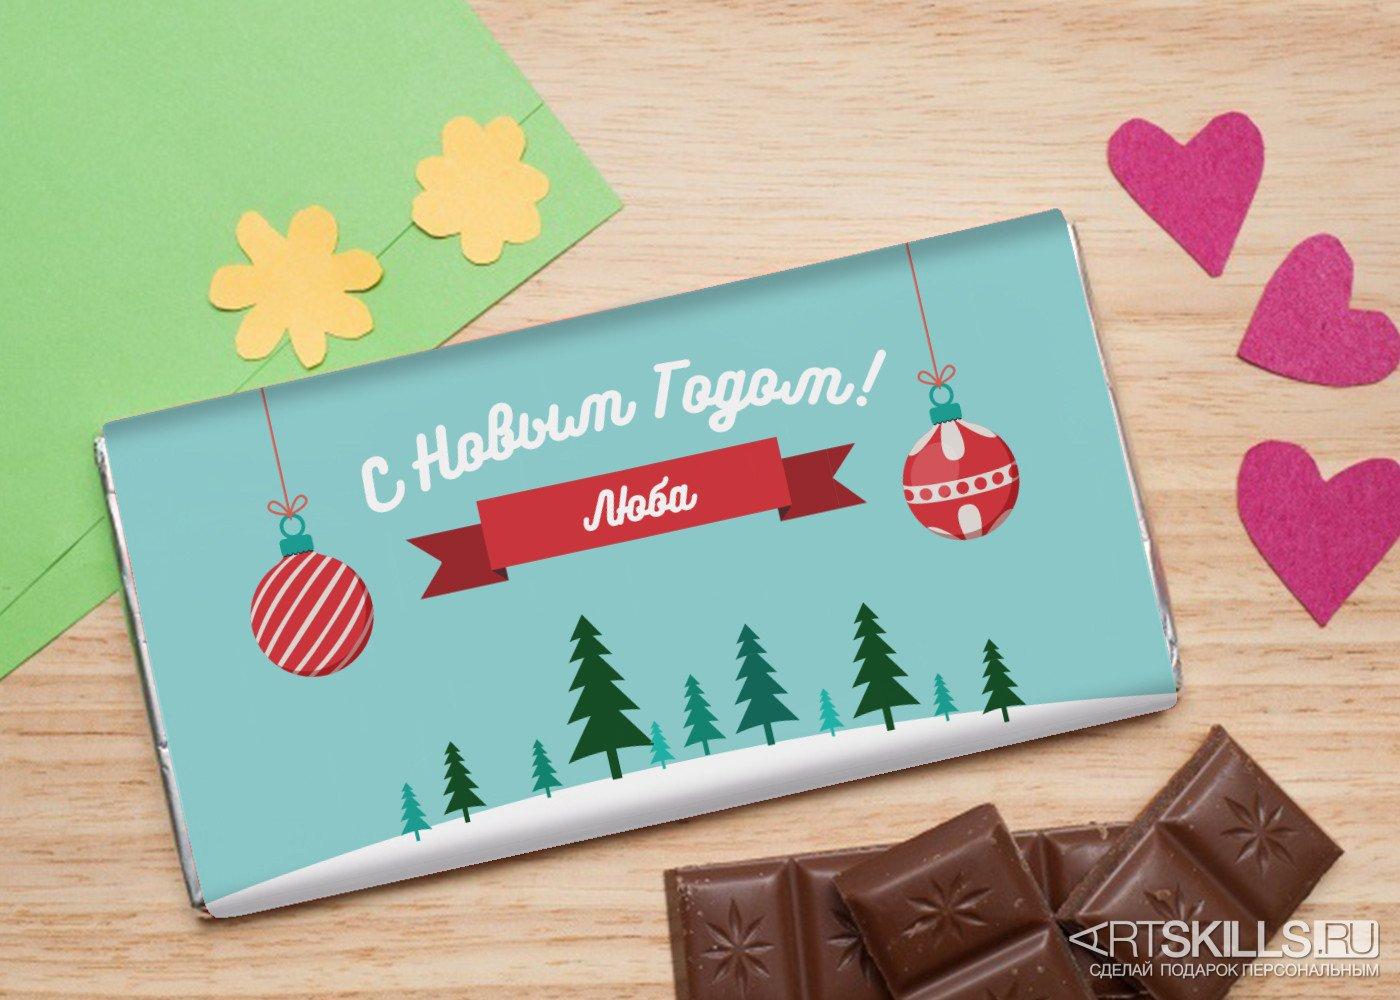 Шоколадная открытка «Новогодний лес» подарить